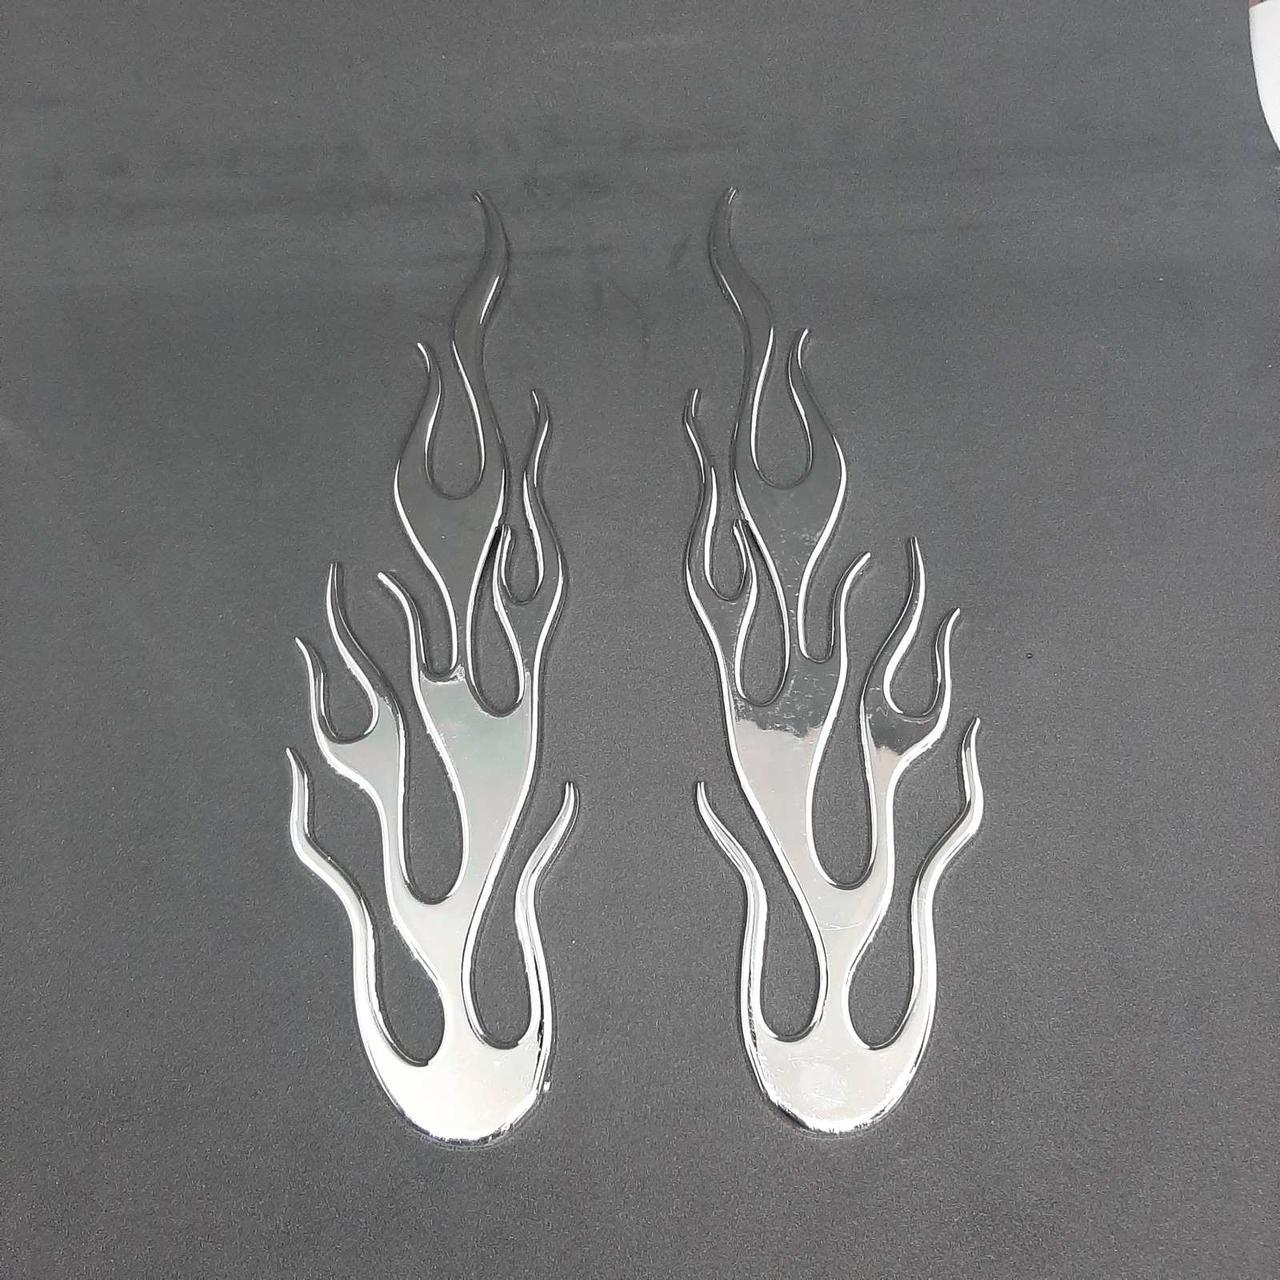 Декоративные накладки для установки на переднее крыло или дверь .